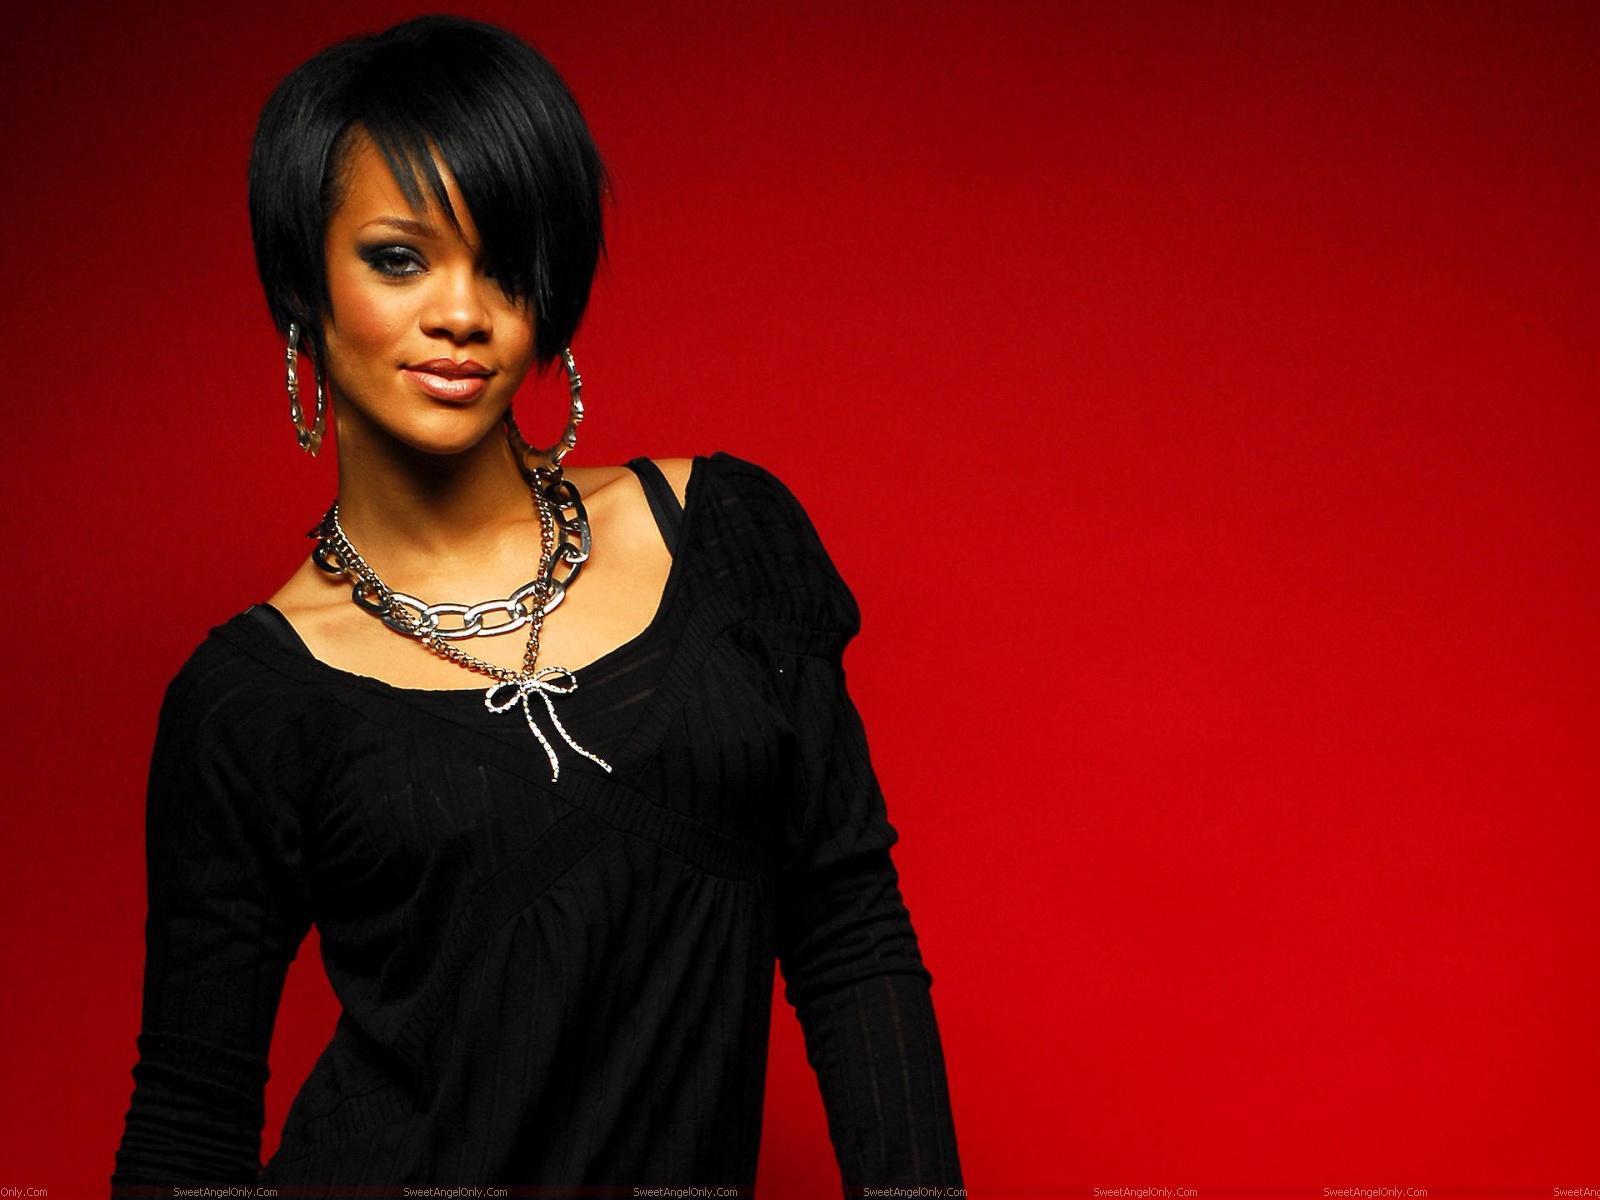 Rihanna: Rihanna Caribbean Queen Hot Wallpapers